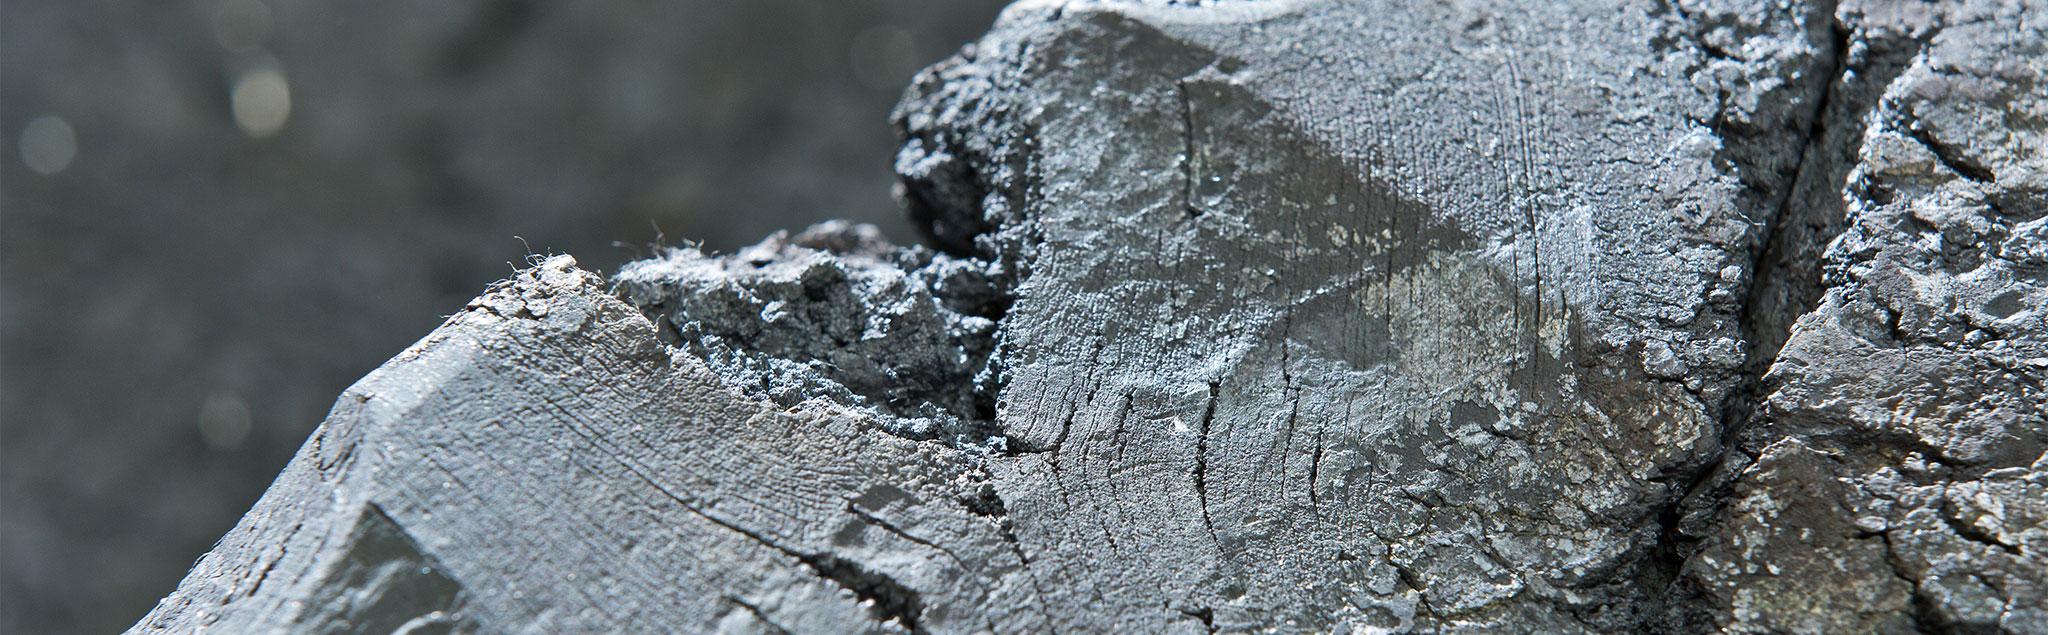 Nickel-Eisen anstatt Platin für billigen Wasserstoff